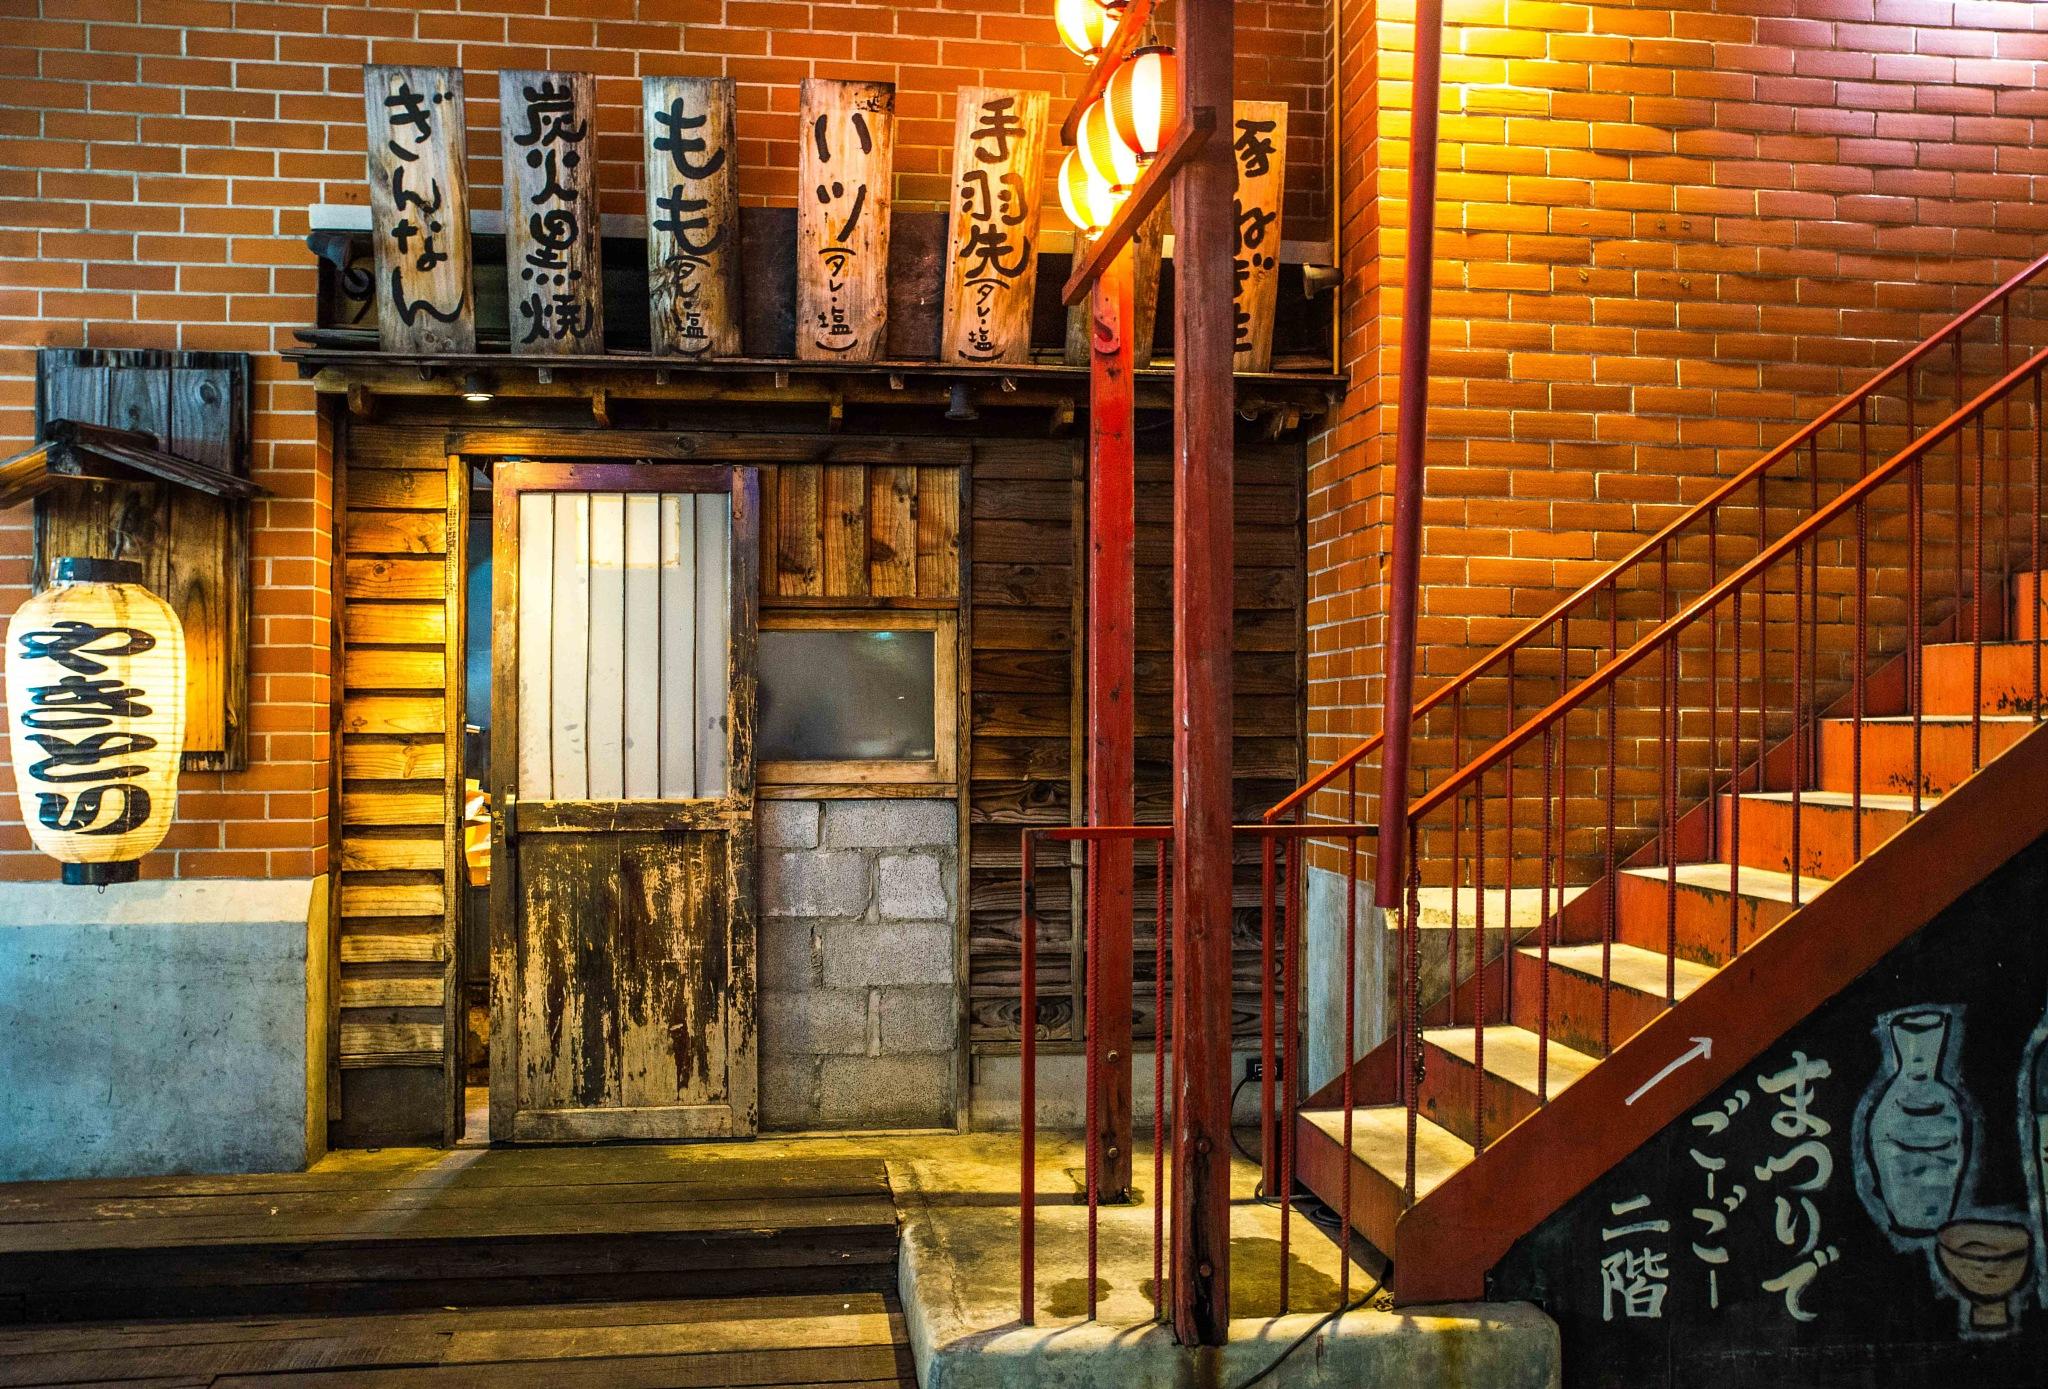 Japanese Facade by Ron Stollman